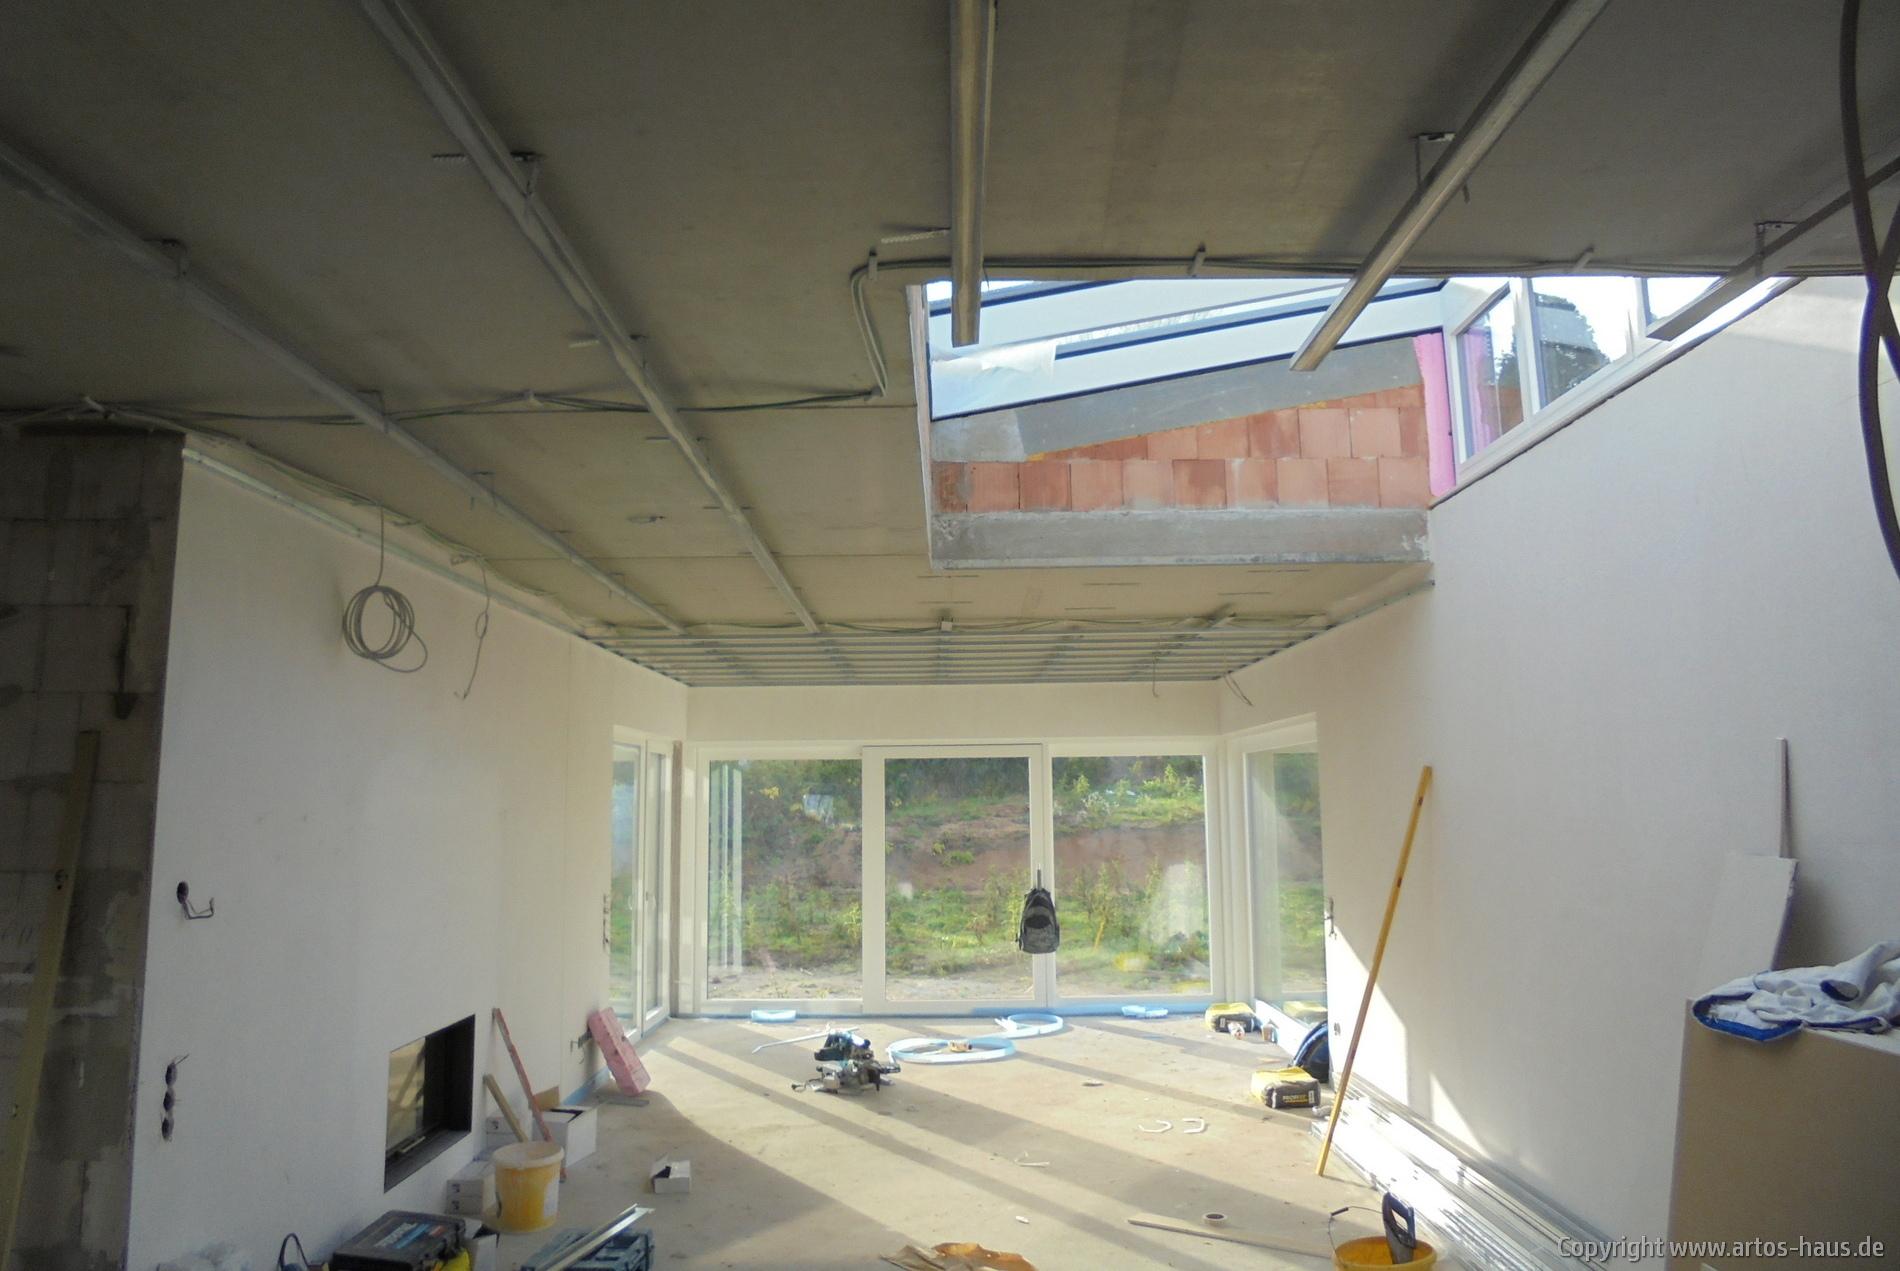 Abhangdecke | ARTOS-HAUS Bauvorhaben, Bild 1